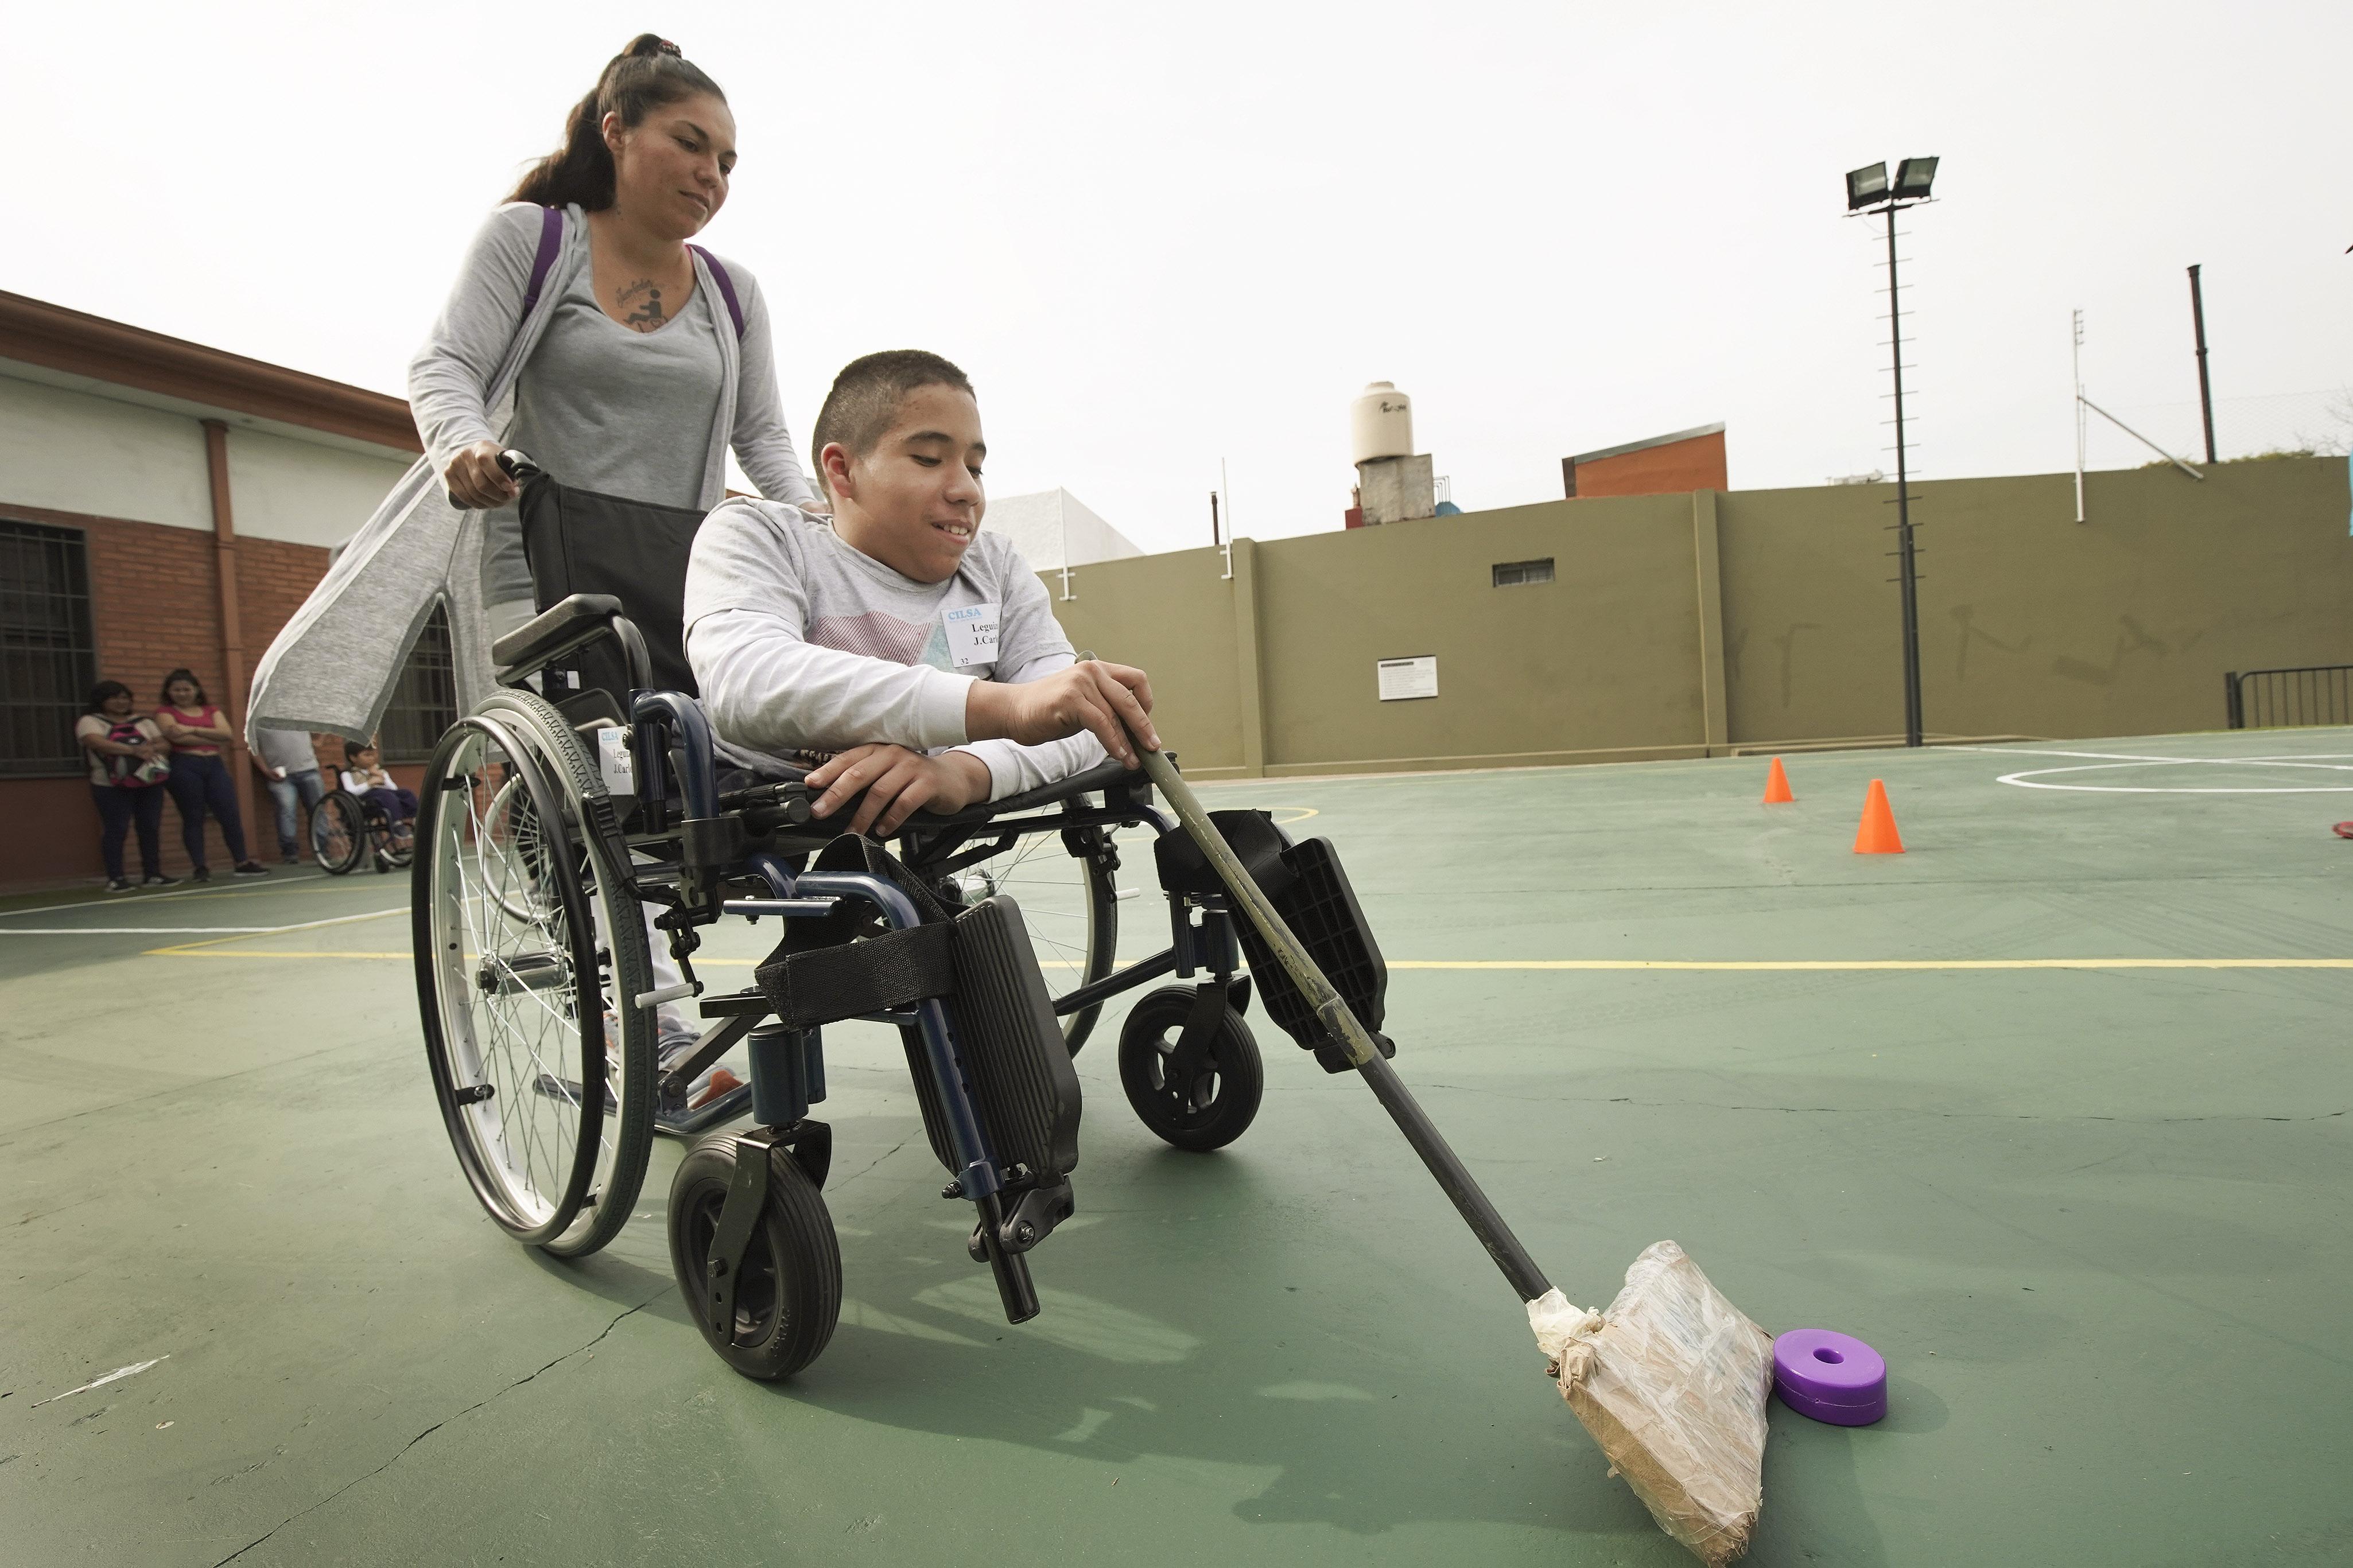 Juan Carlos Loza brinca com a ajuda da mãe, Paola Loza, depois que o Latter-day Saint Charities doou-lhe uma cadeira de rodas na capela da Ala Villa Urquiza, em Buenos Aires, Argentina, na quarta-feira, 28 de agosto de 2019.